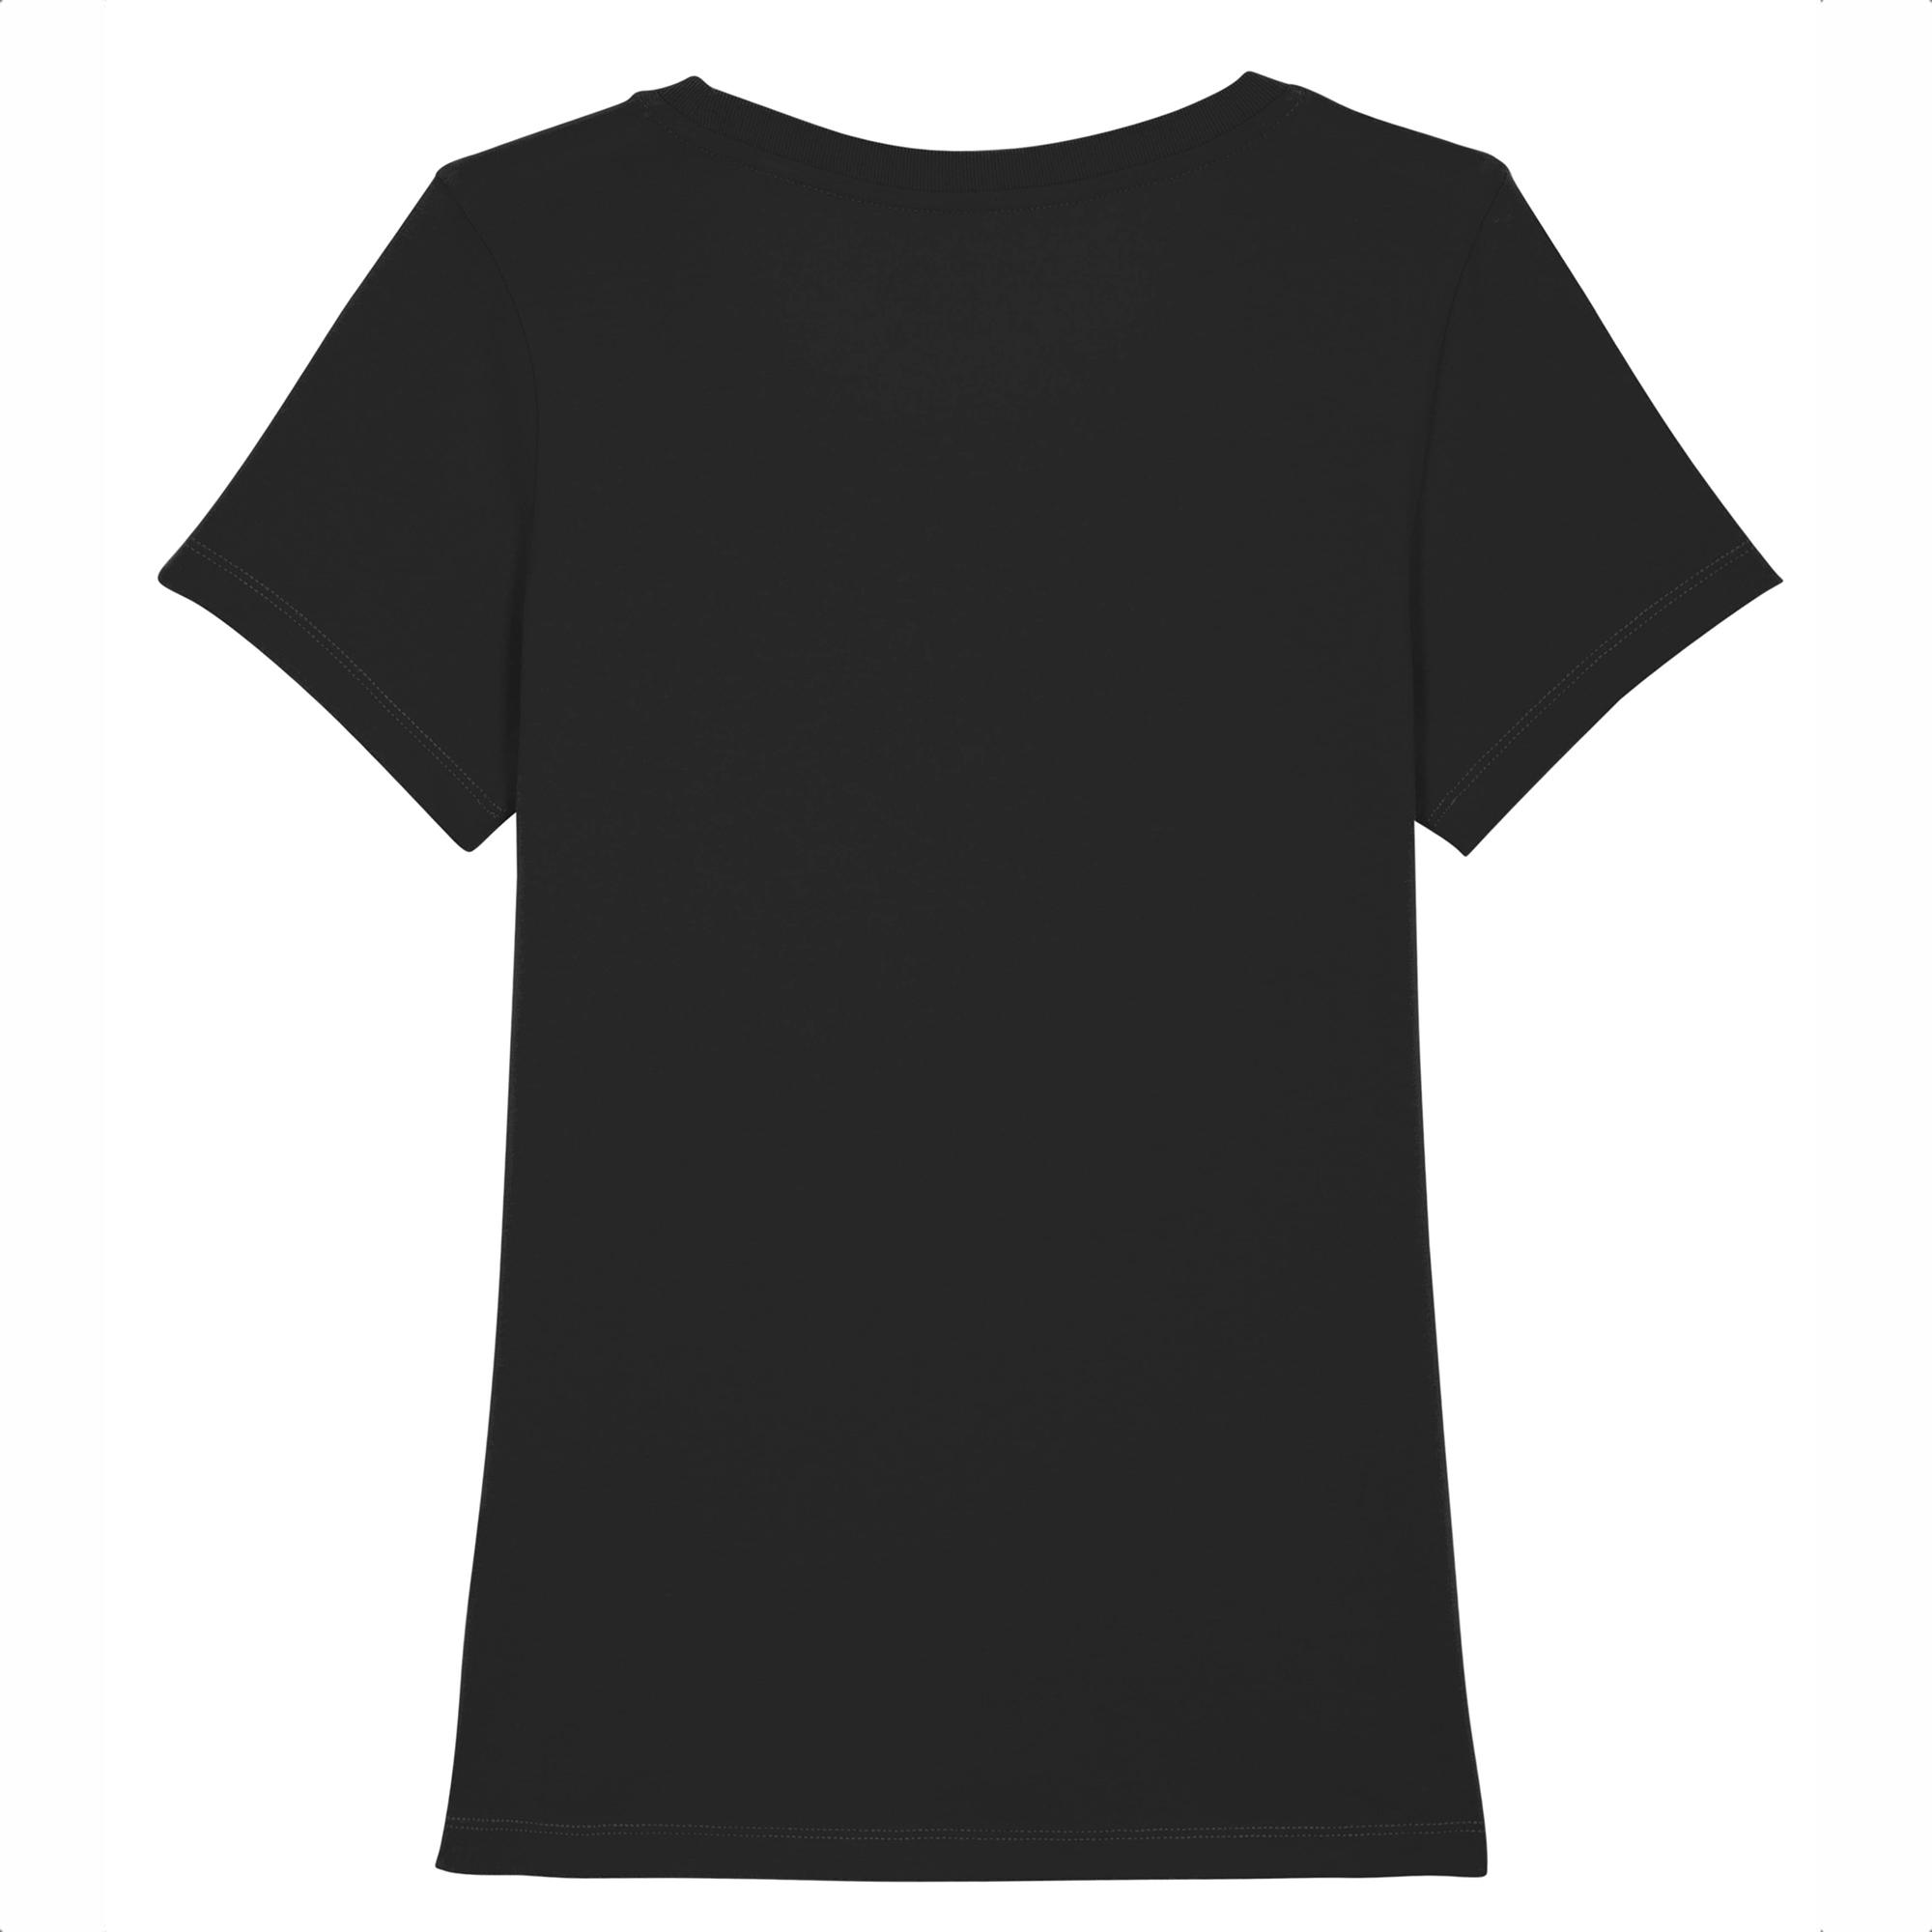 Dos du T-shirt Femme Noir